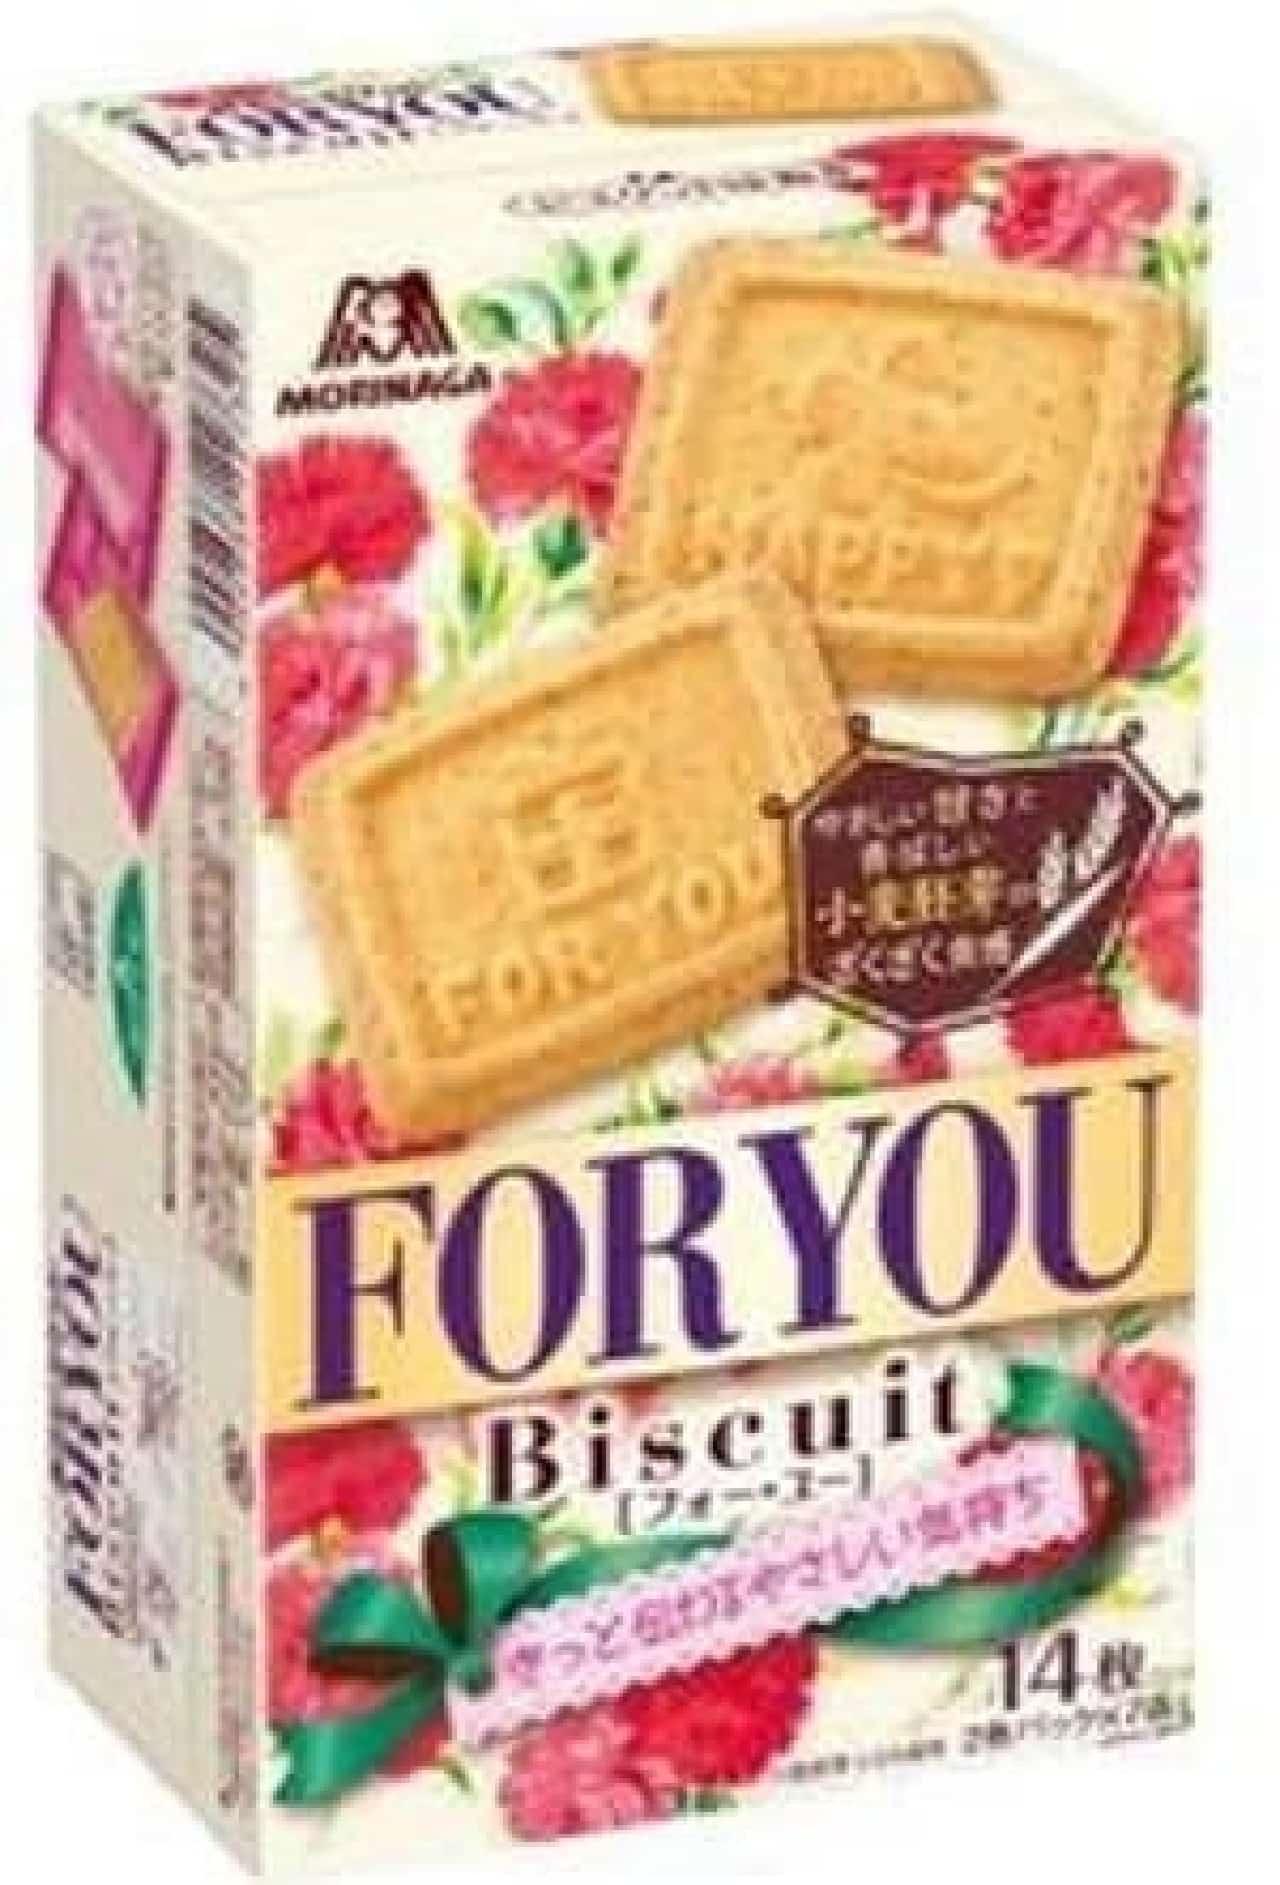 「フォー・ユー」は、小麦胚芽の香ばしさを引き立てる自然な甘さと、ざくざく食感が特徴のビスケット